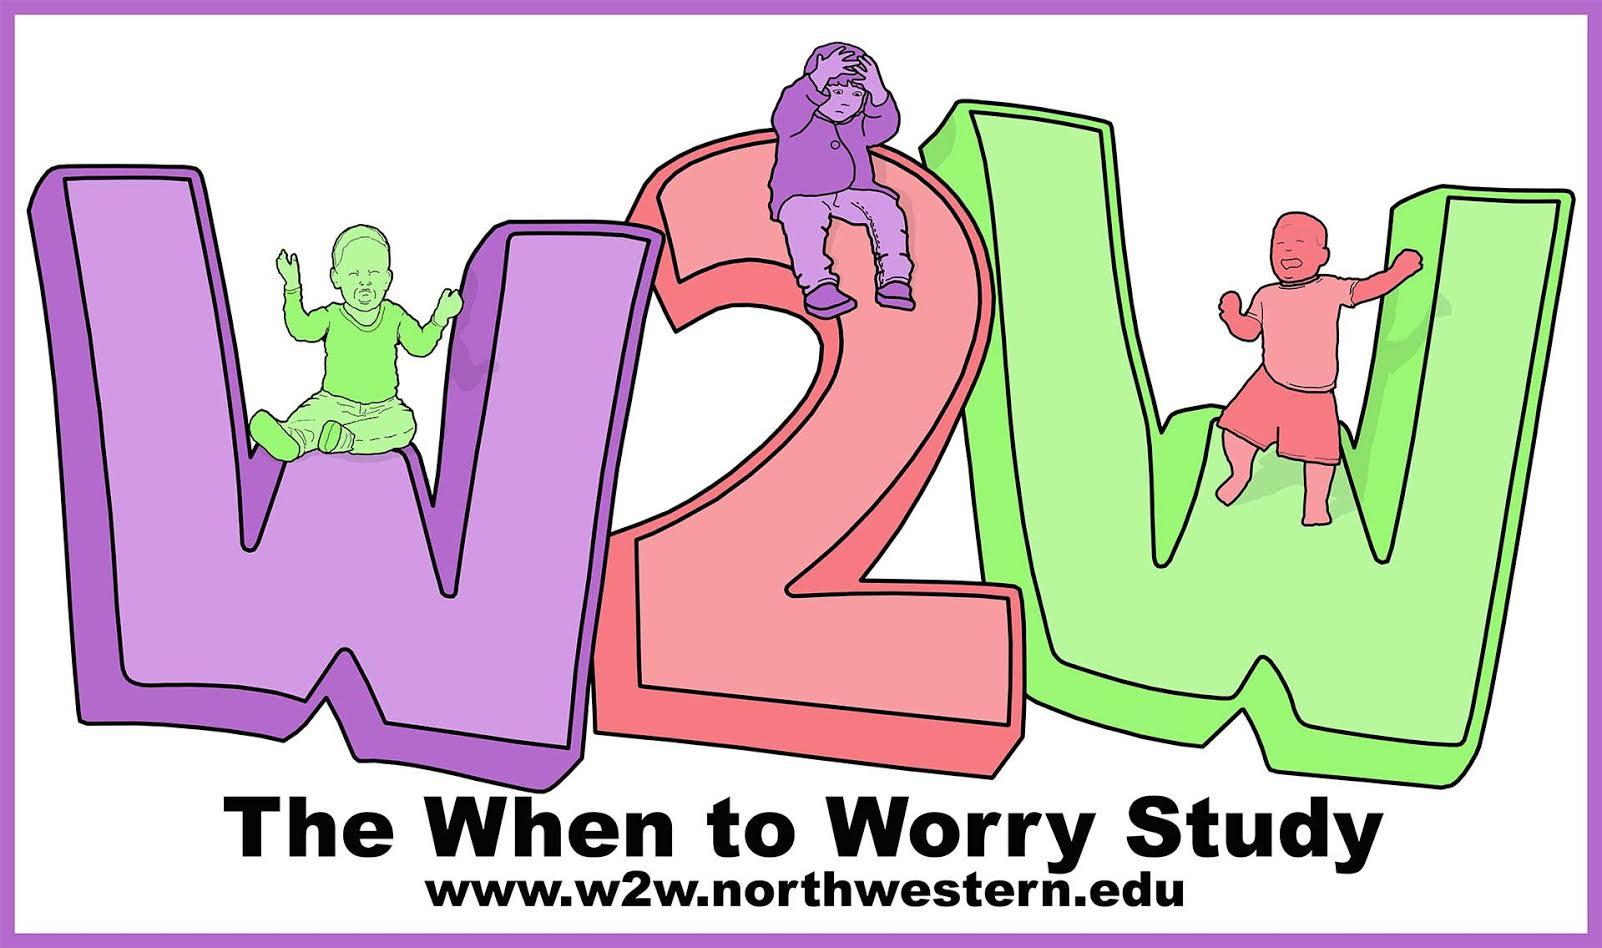 W2W Study Web Site